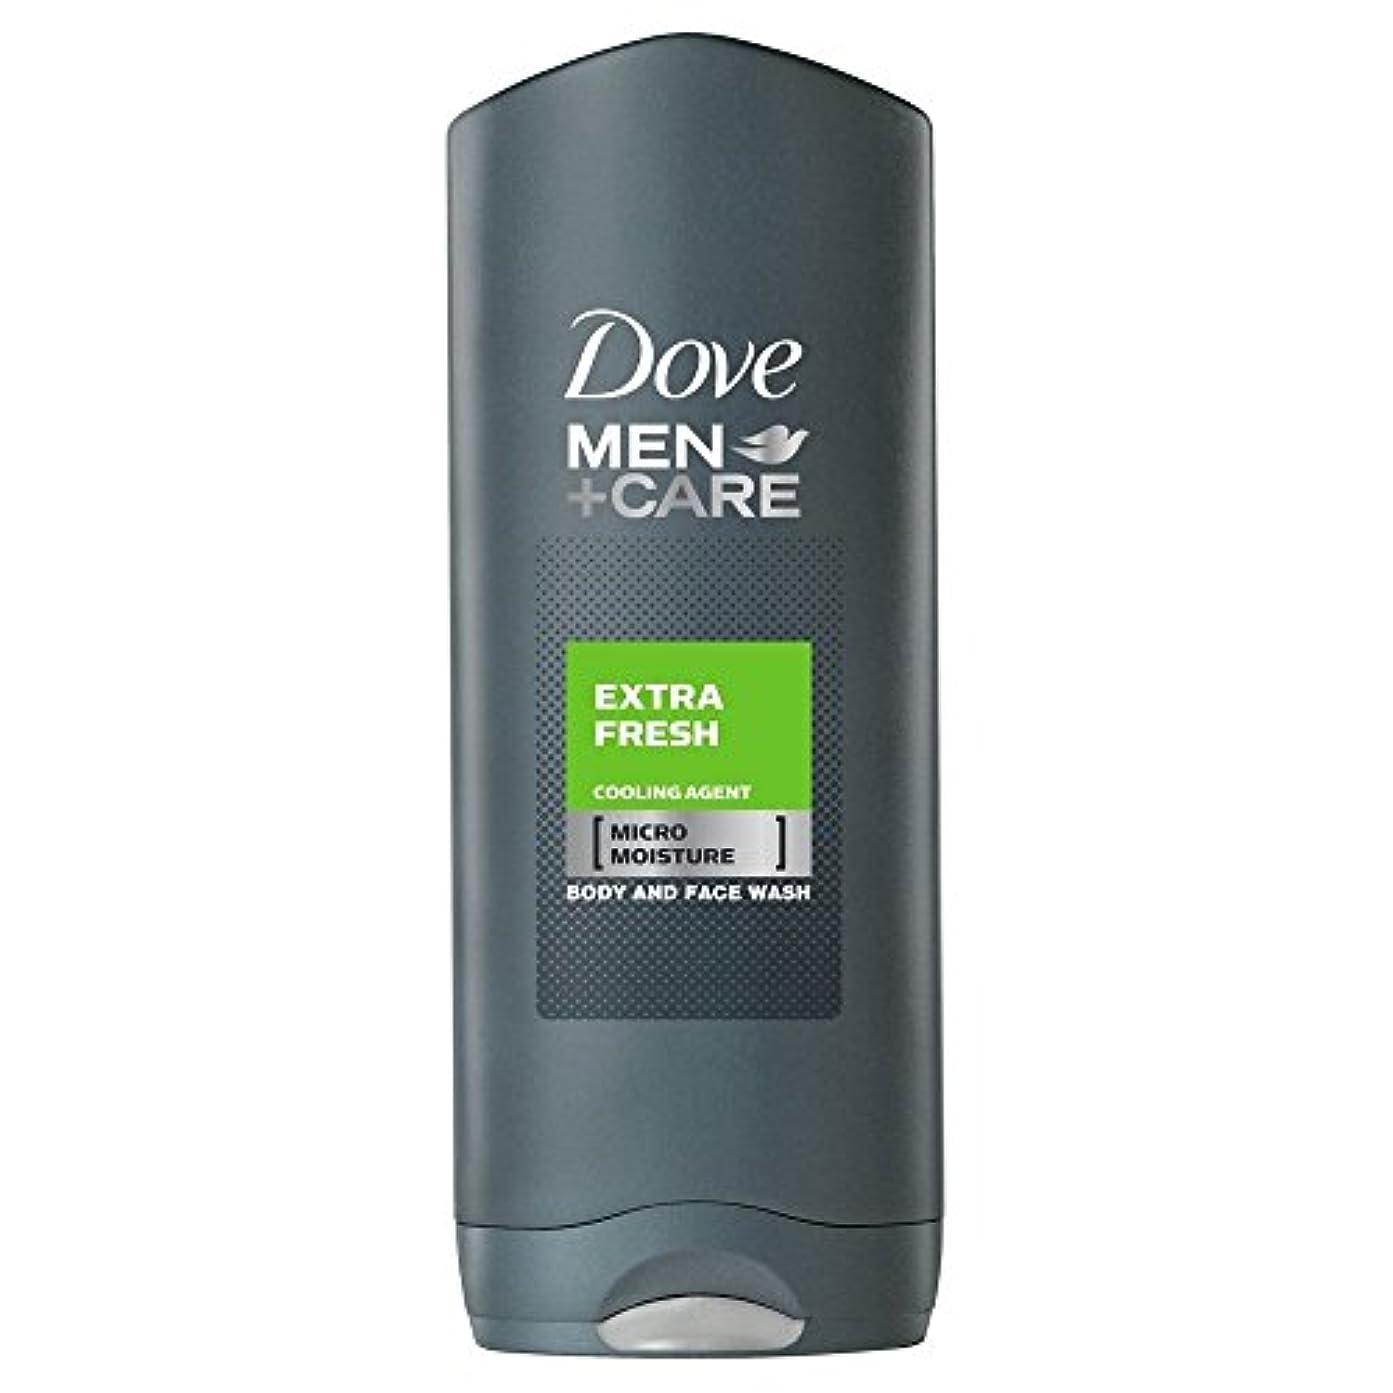 批評ハーフアンビエントDove Men + Care Body & Face Wash - Extra Fresh (250ml) 鳩の男性は+ボディと洗顔ケア - 余分な新鮮な( 250ミリリットル)を [並行輸入品]